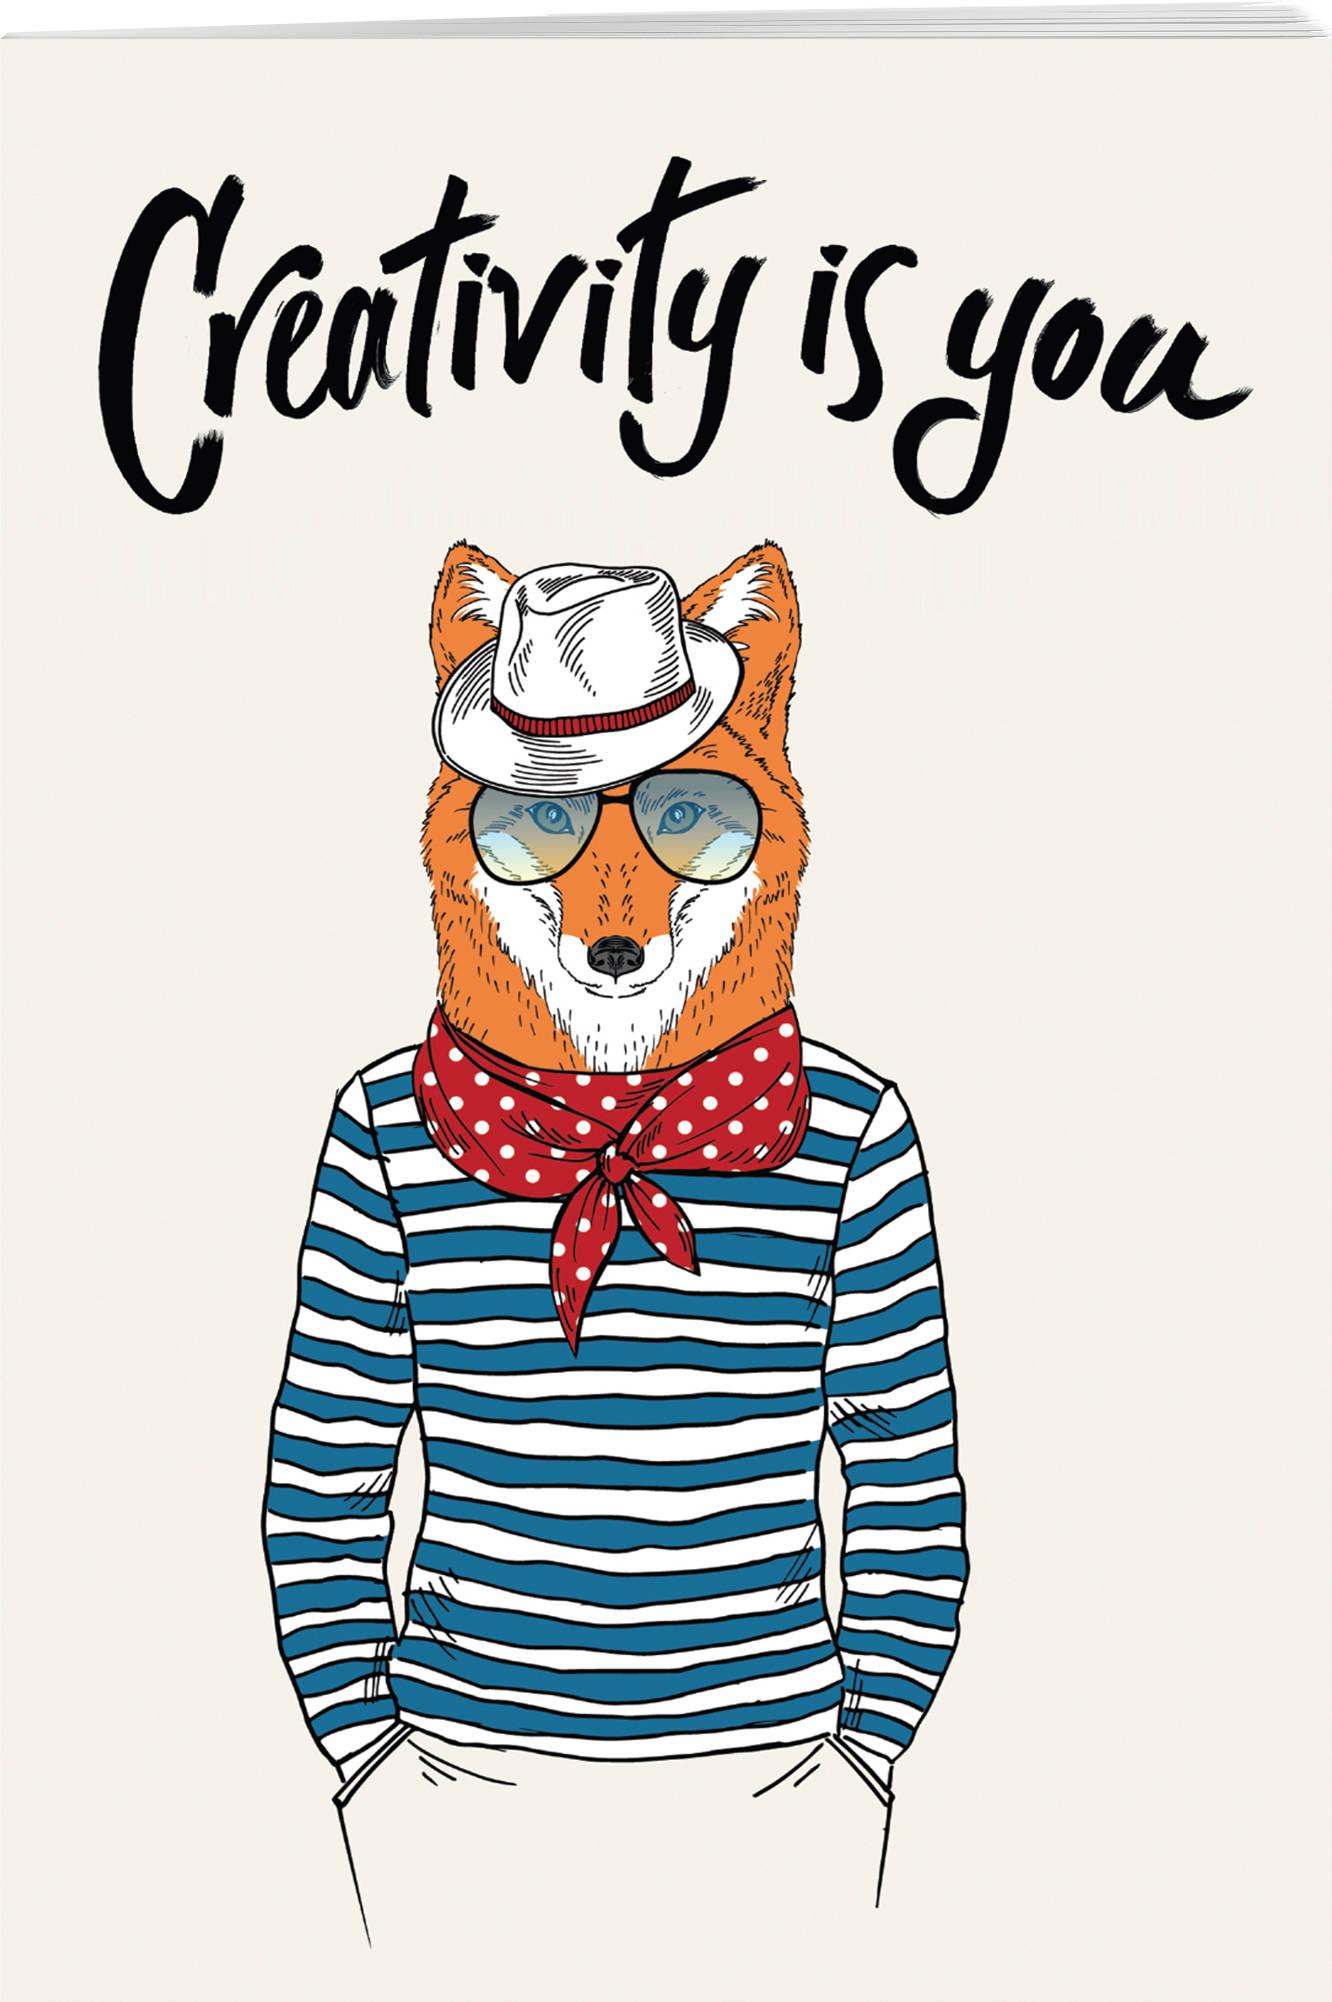 Creativity is you (А5, мягкая обложка), ISBN 9785040958566, БОМБОРА, 2018, Блокноты Like , 978-5-0409-5856-6, 978-5-040-95856-6, 978-5-04-095856-6 - купить со скидкой